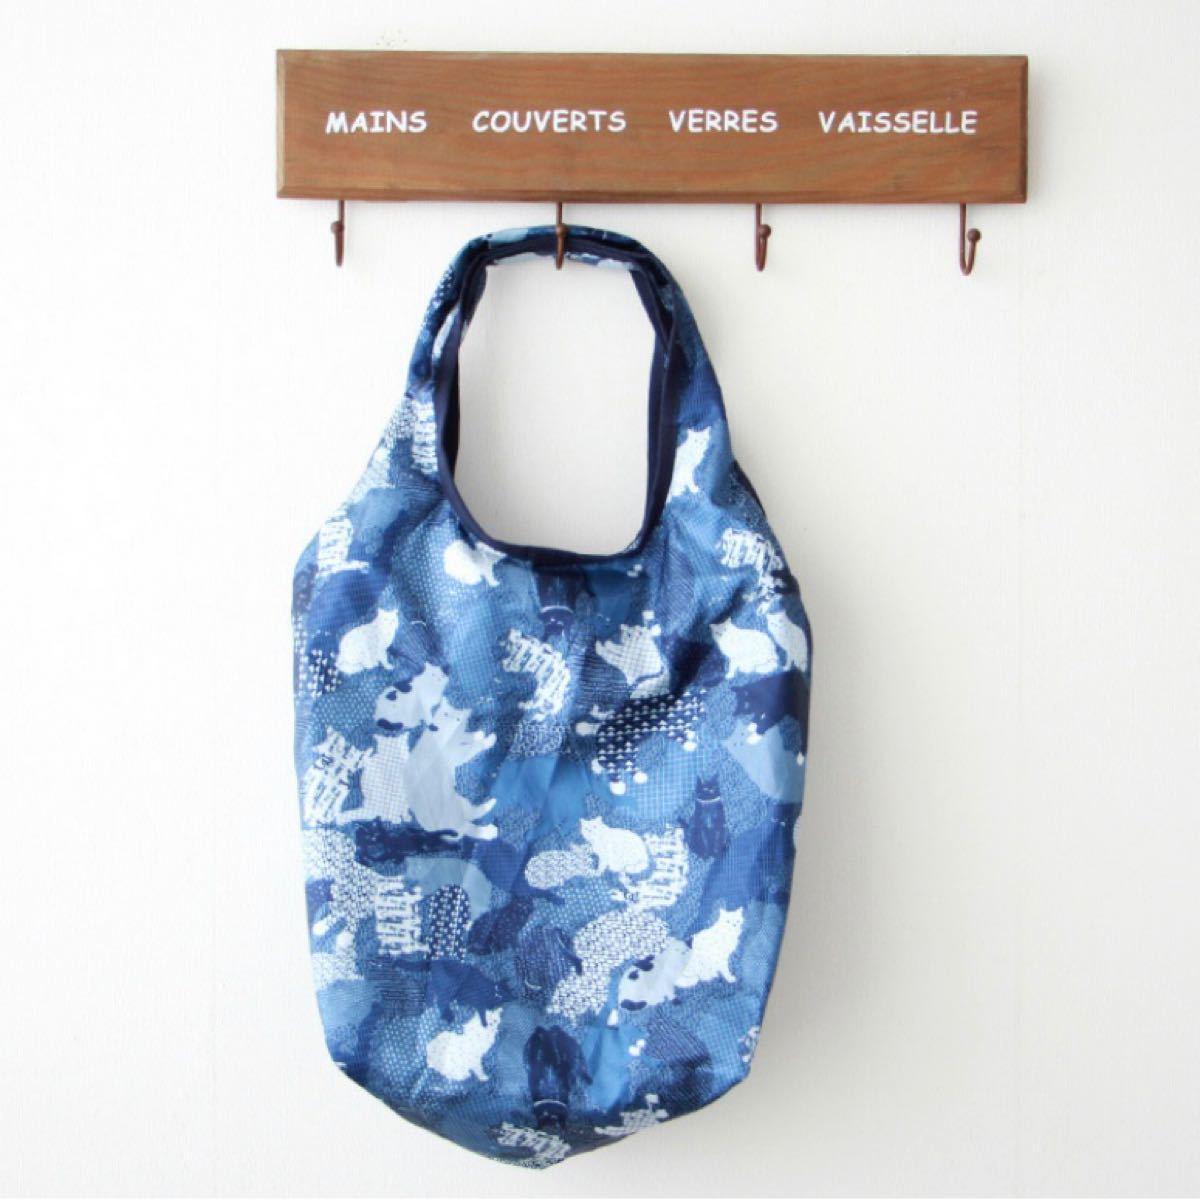 折りたたみ エコバッグ 手提げ袋 猫 青 防水 コンパクト 軽量 人気